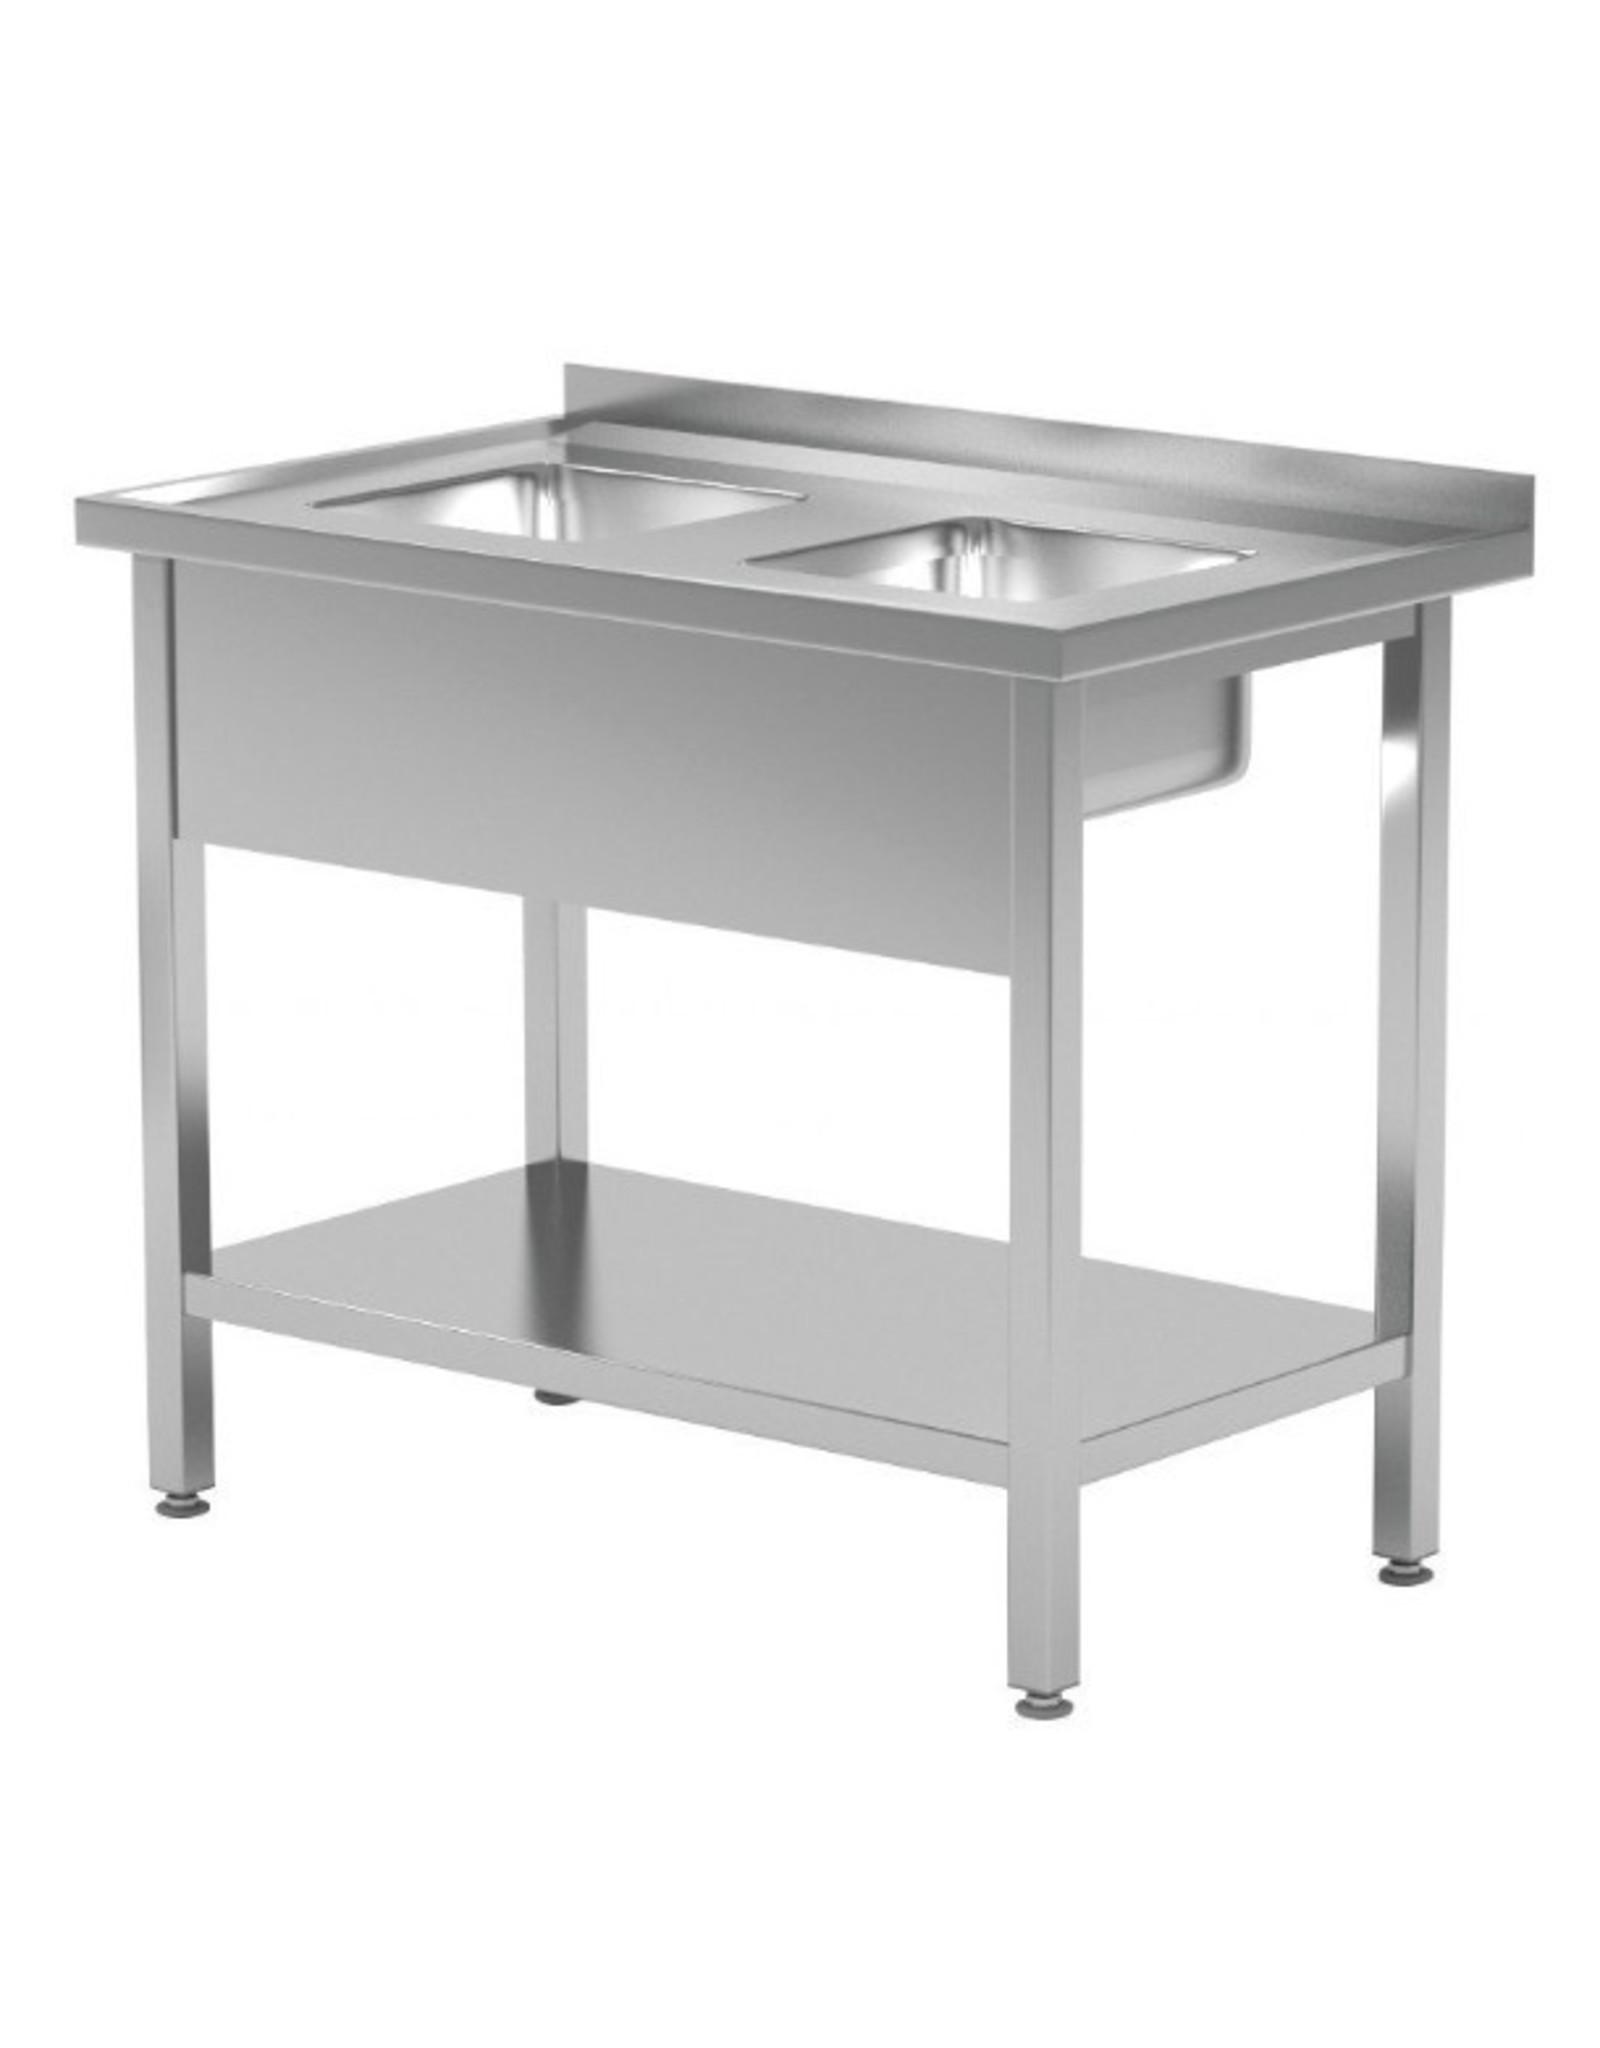 Spoeltafel met 2 kleine spoelbakken | met onderplank | 800-900mm breed | 600 of 700mm diep